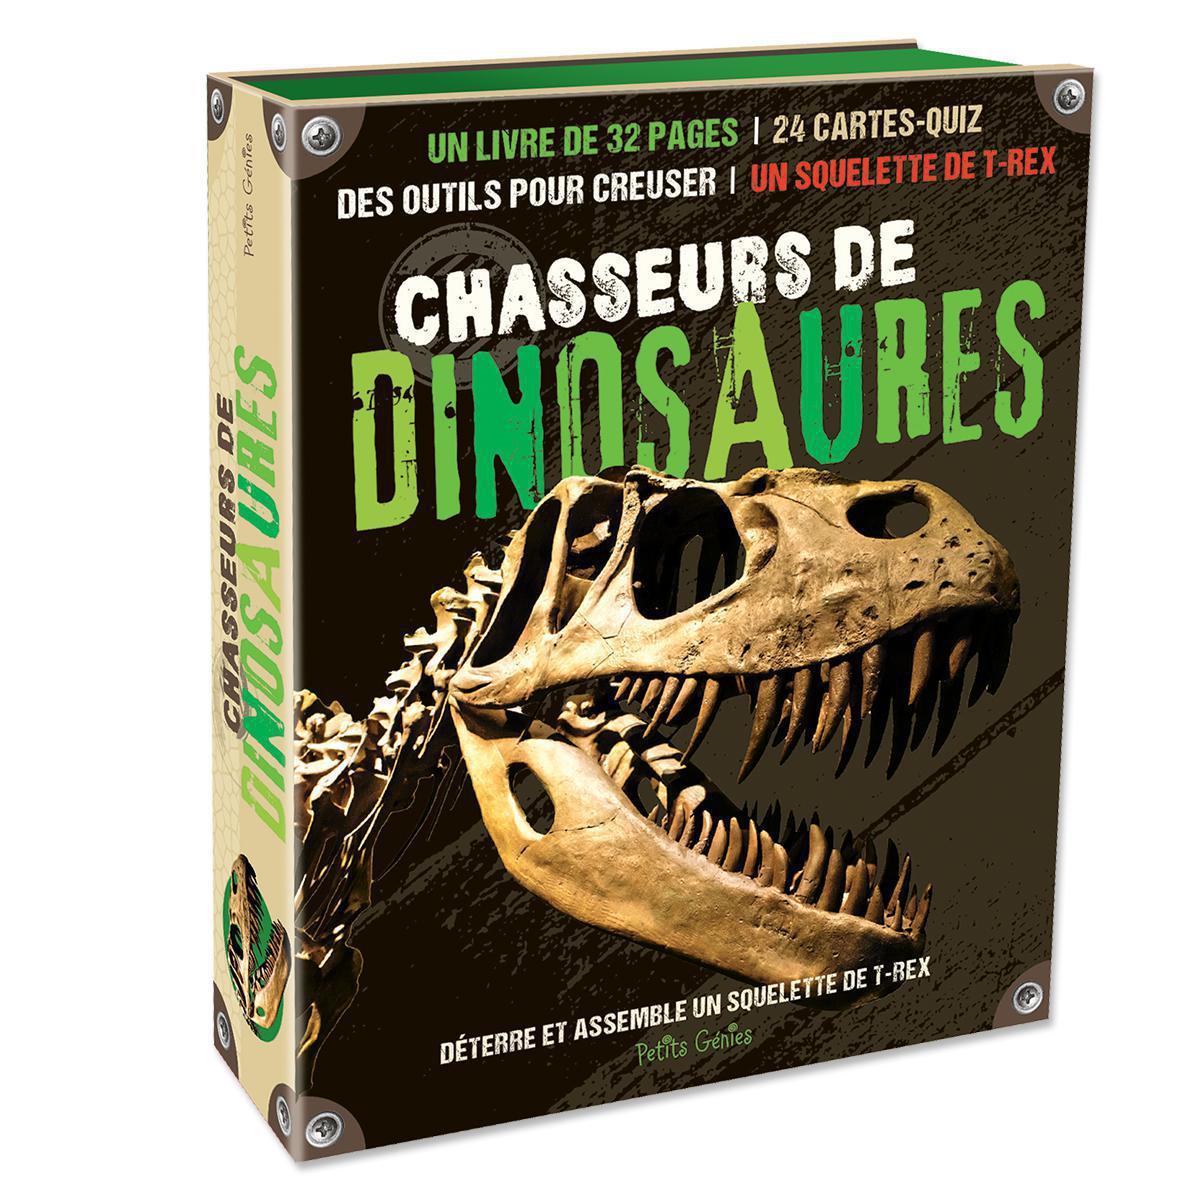 Coffret Chasseurs de dinosaures